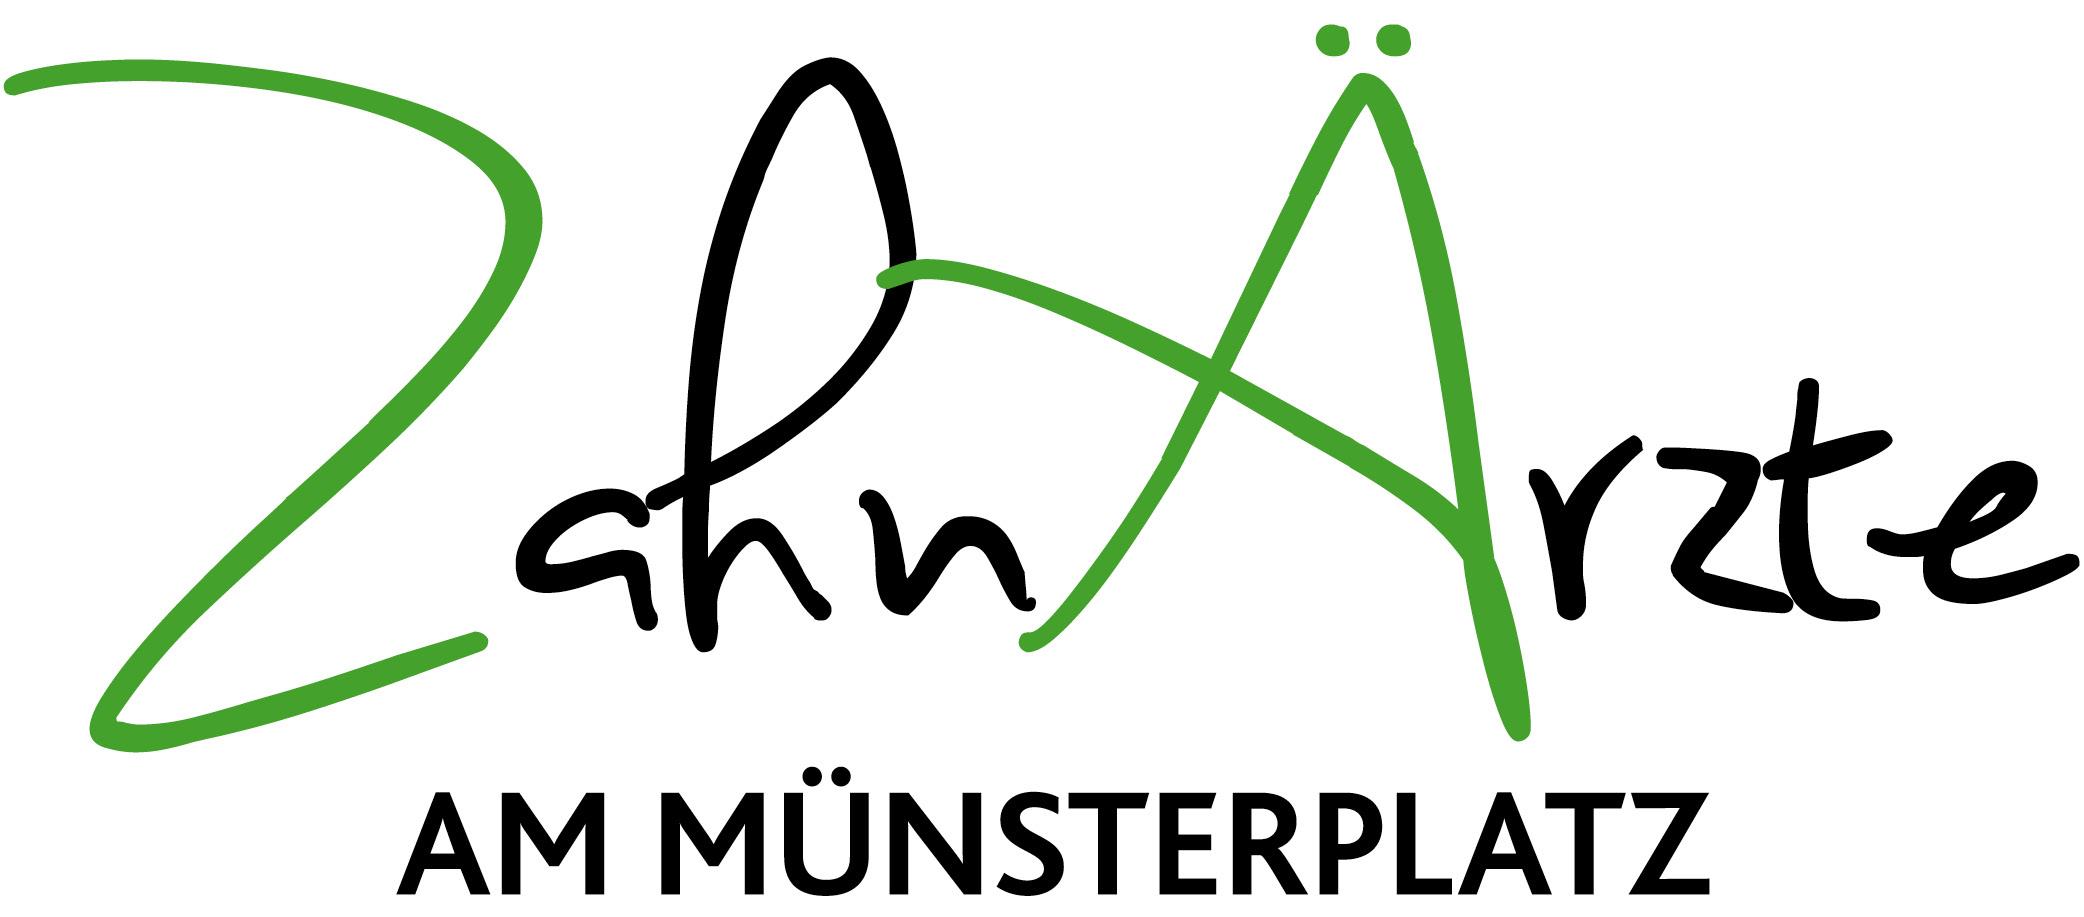 Zahnarzt-muensterplatz-Praxis-Freund-Morgenstern-logo